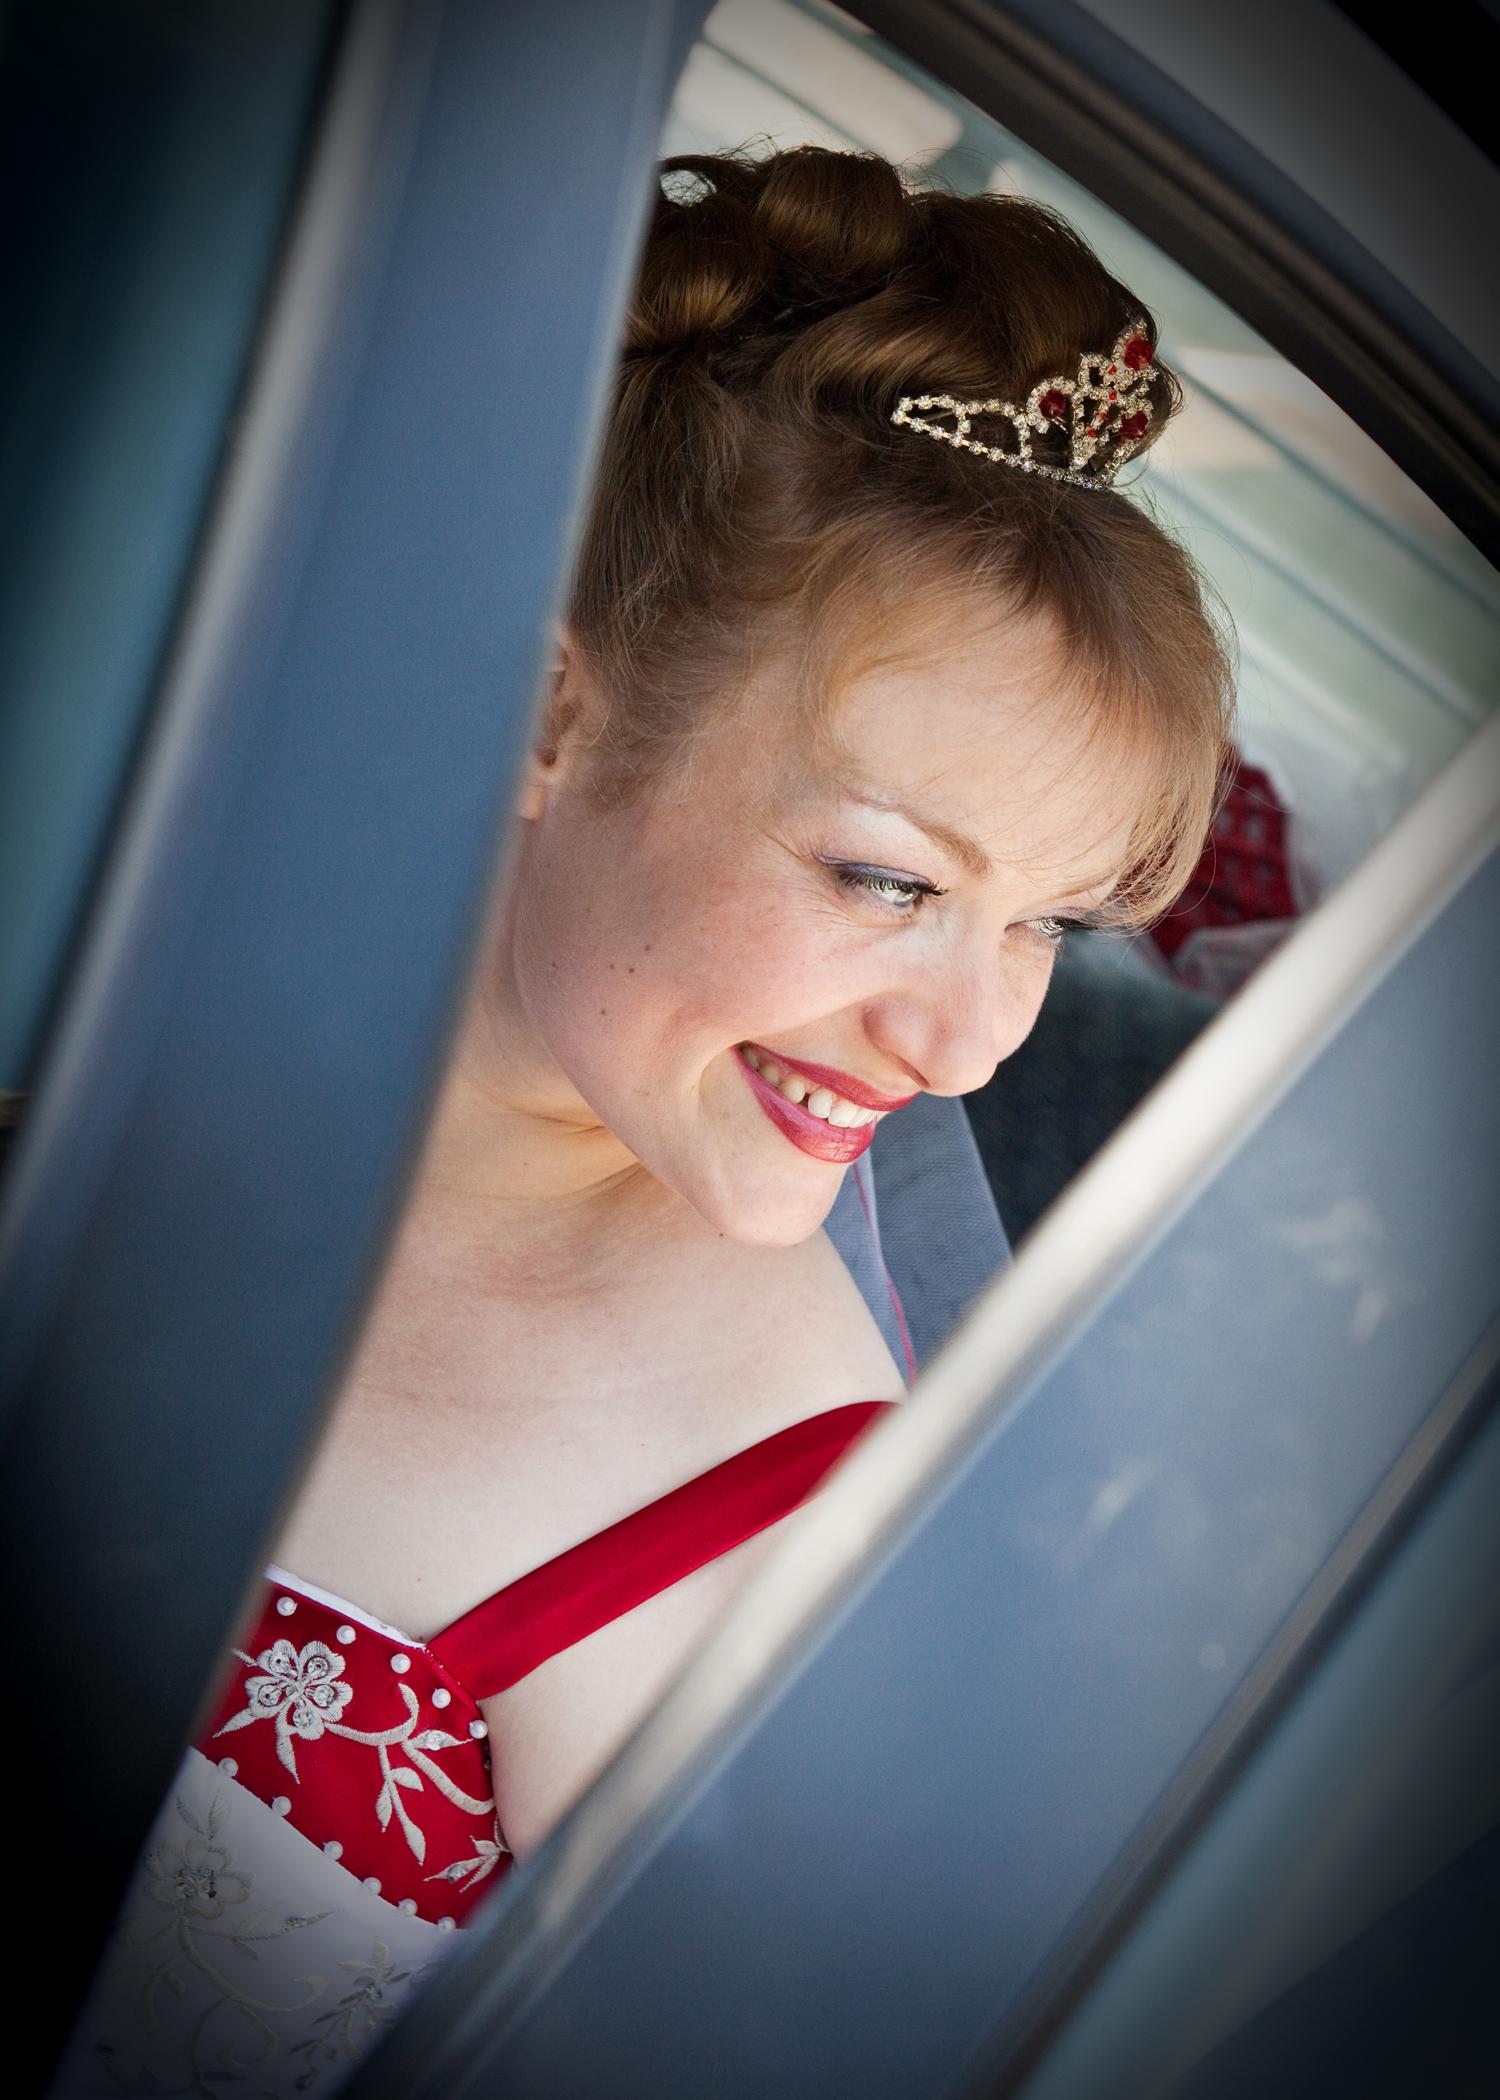 wedding-photography-Sydney-Australia-Sydney-Opera-House_13.jpg